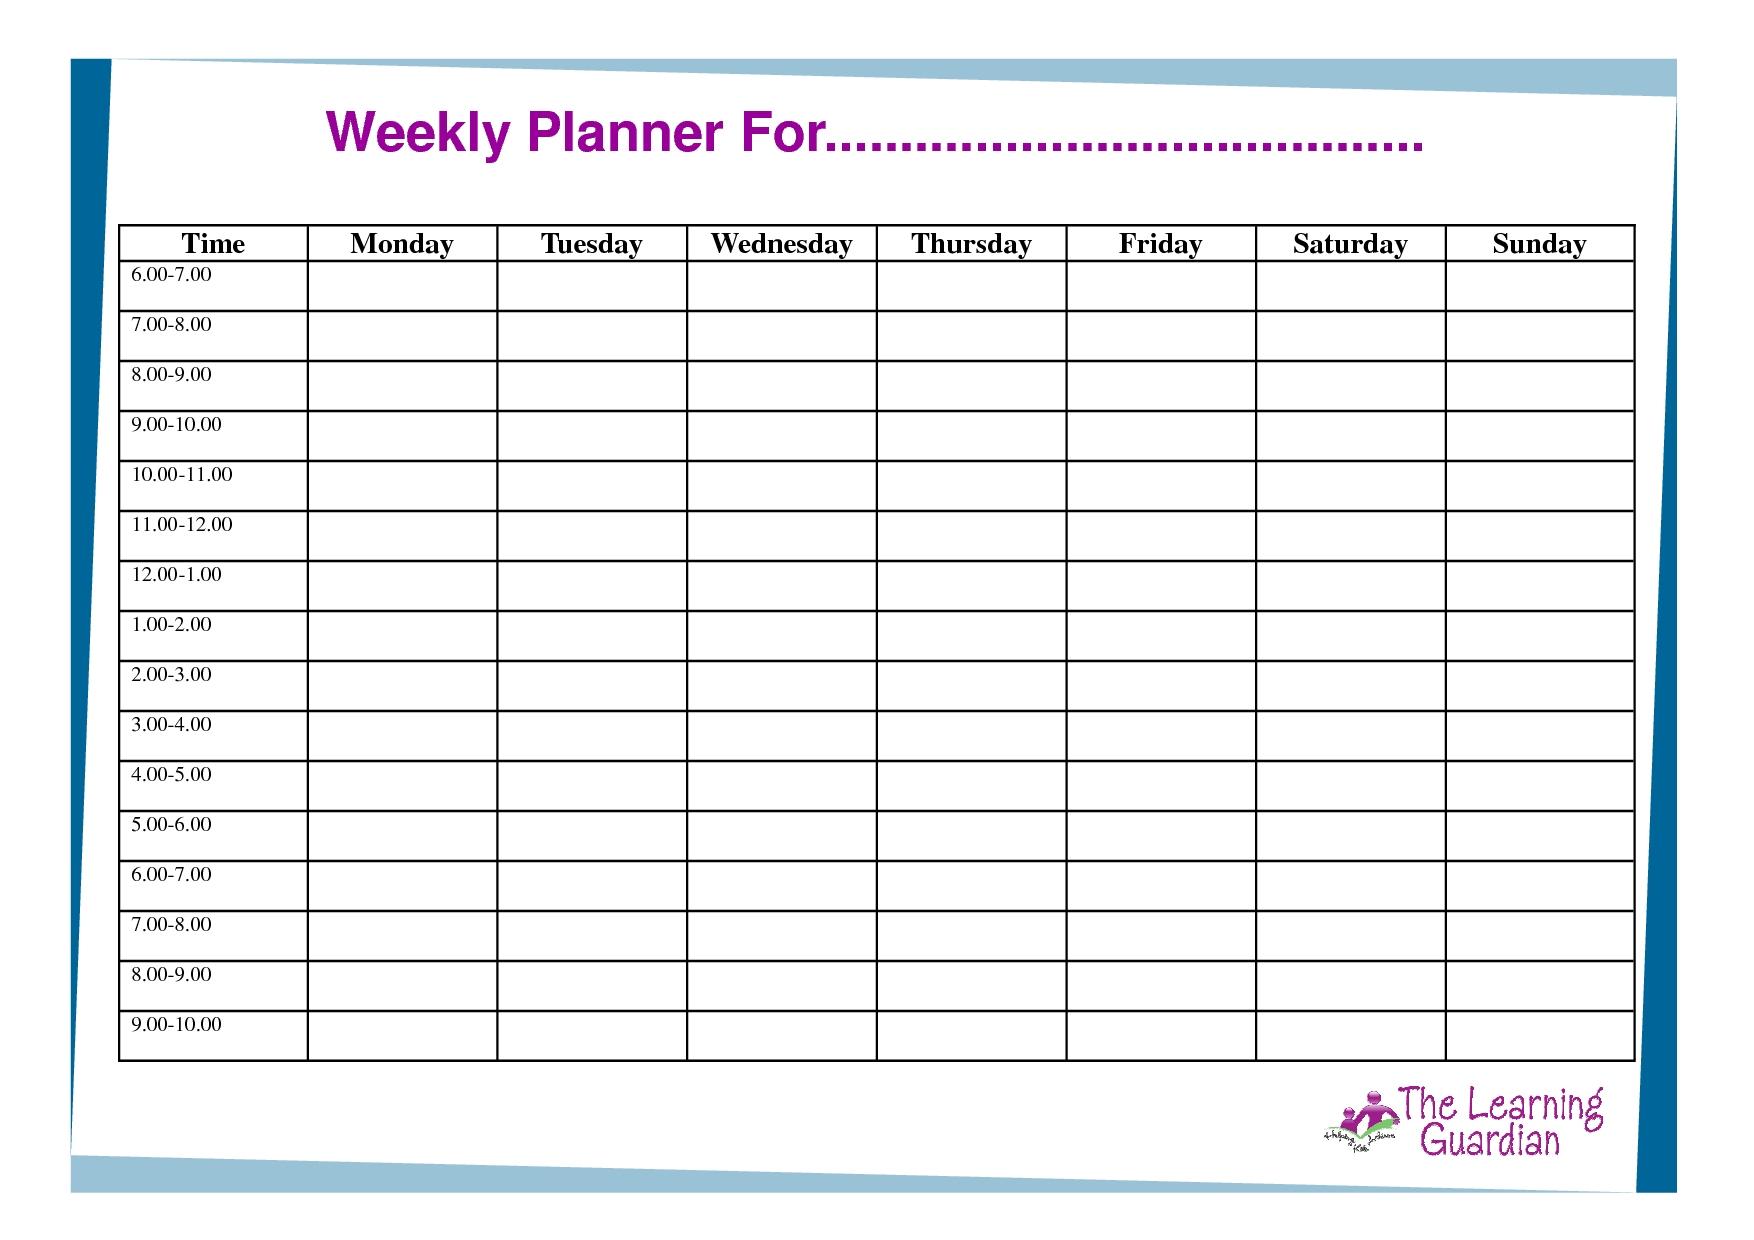 One Week Calendar With Hours - Calendar Inspiration Design 1 Week Calendar Template